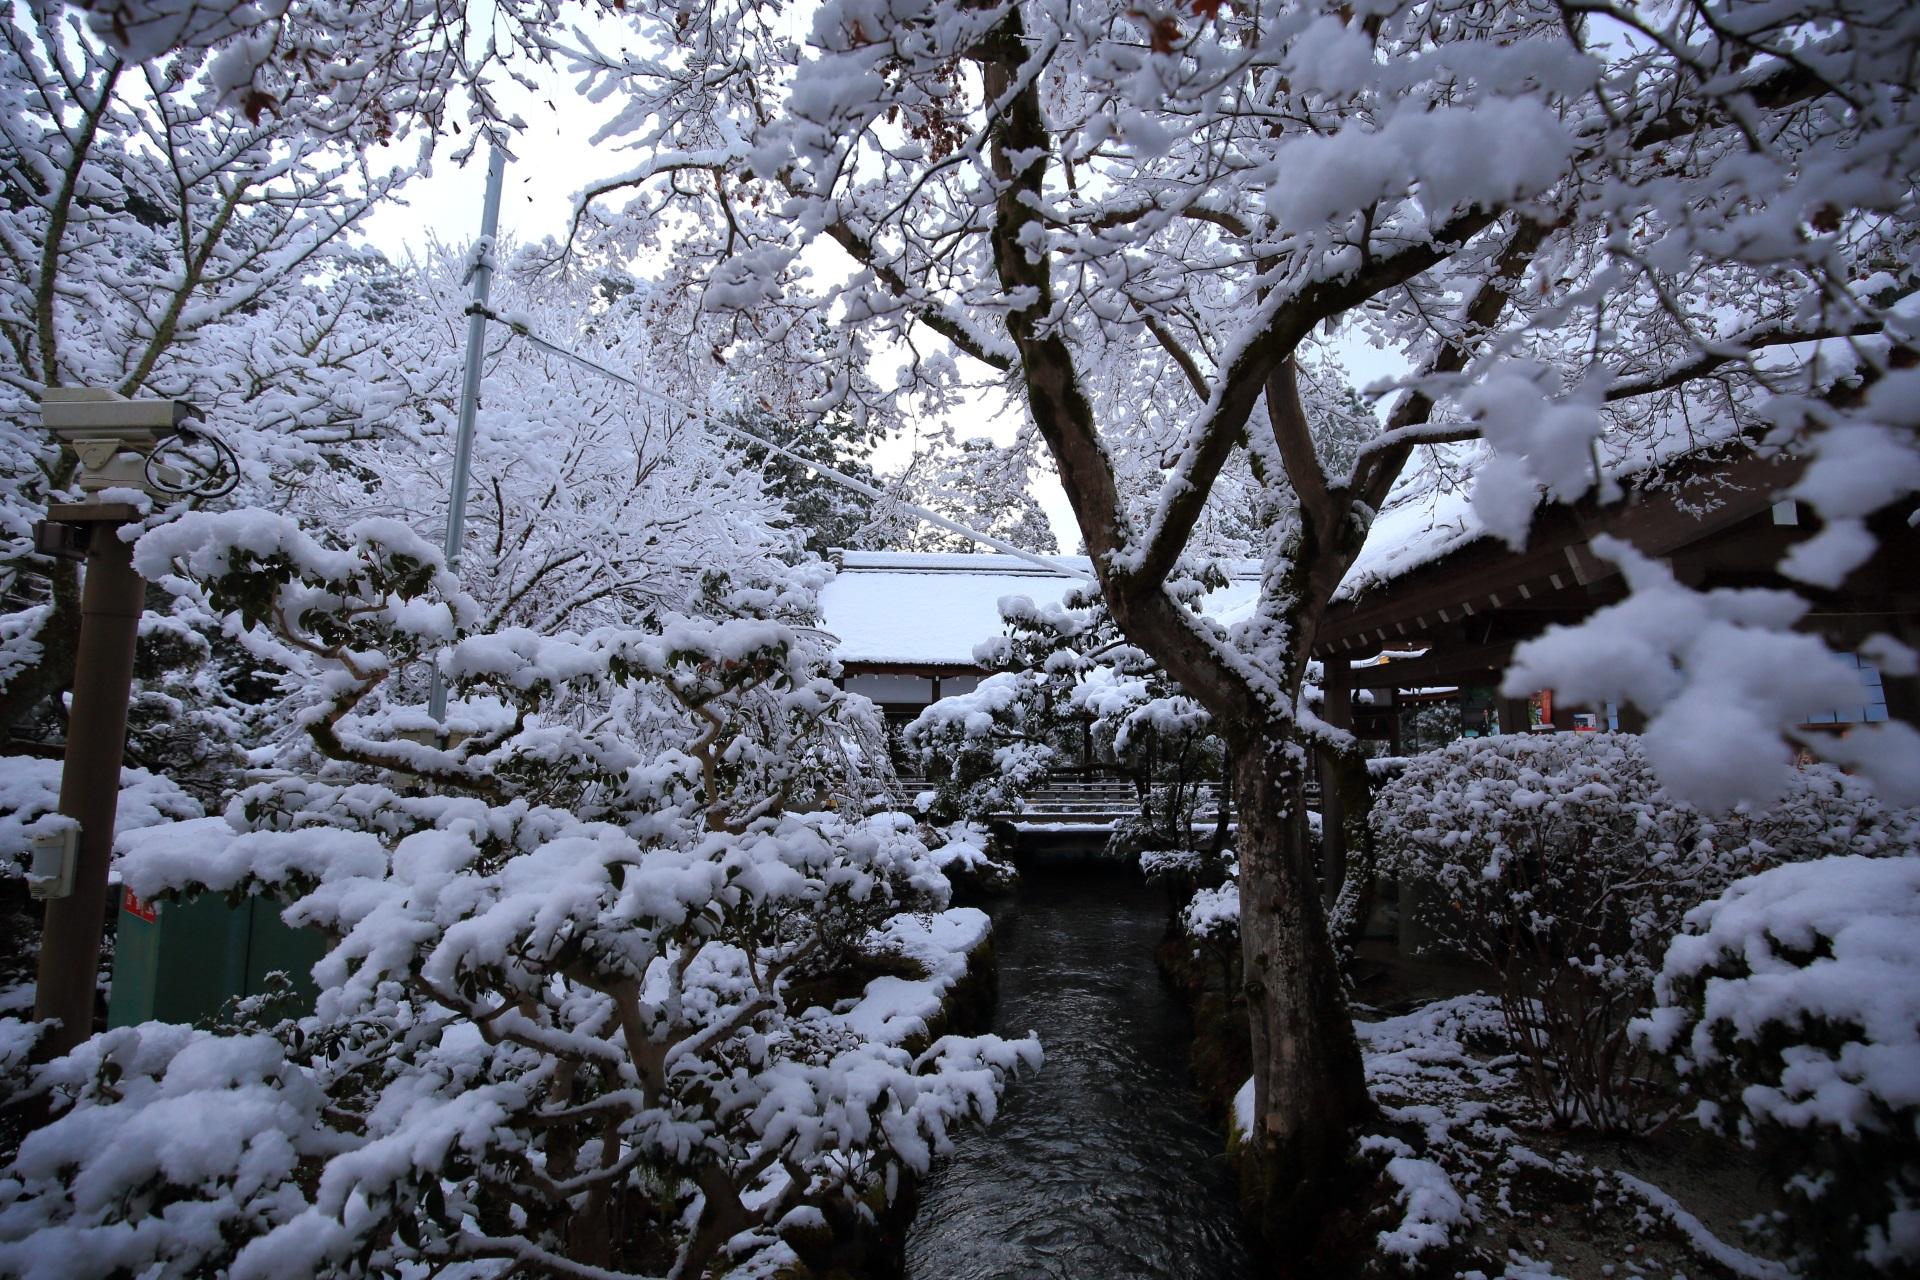 上賀茂神社の橋殿より上流の御手洗川の雪景色